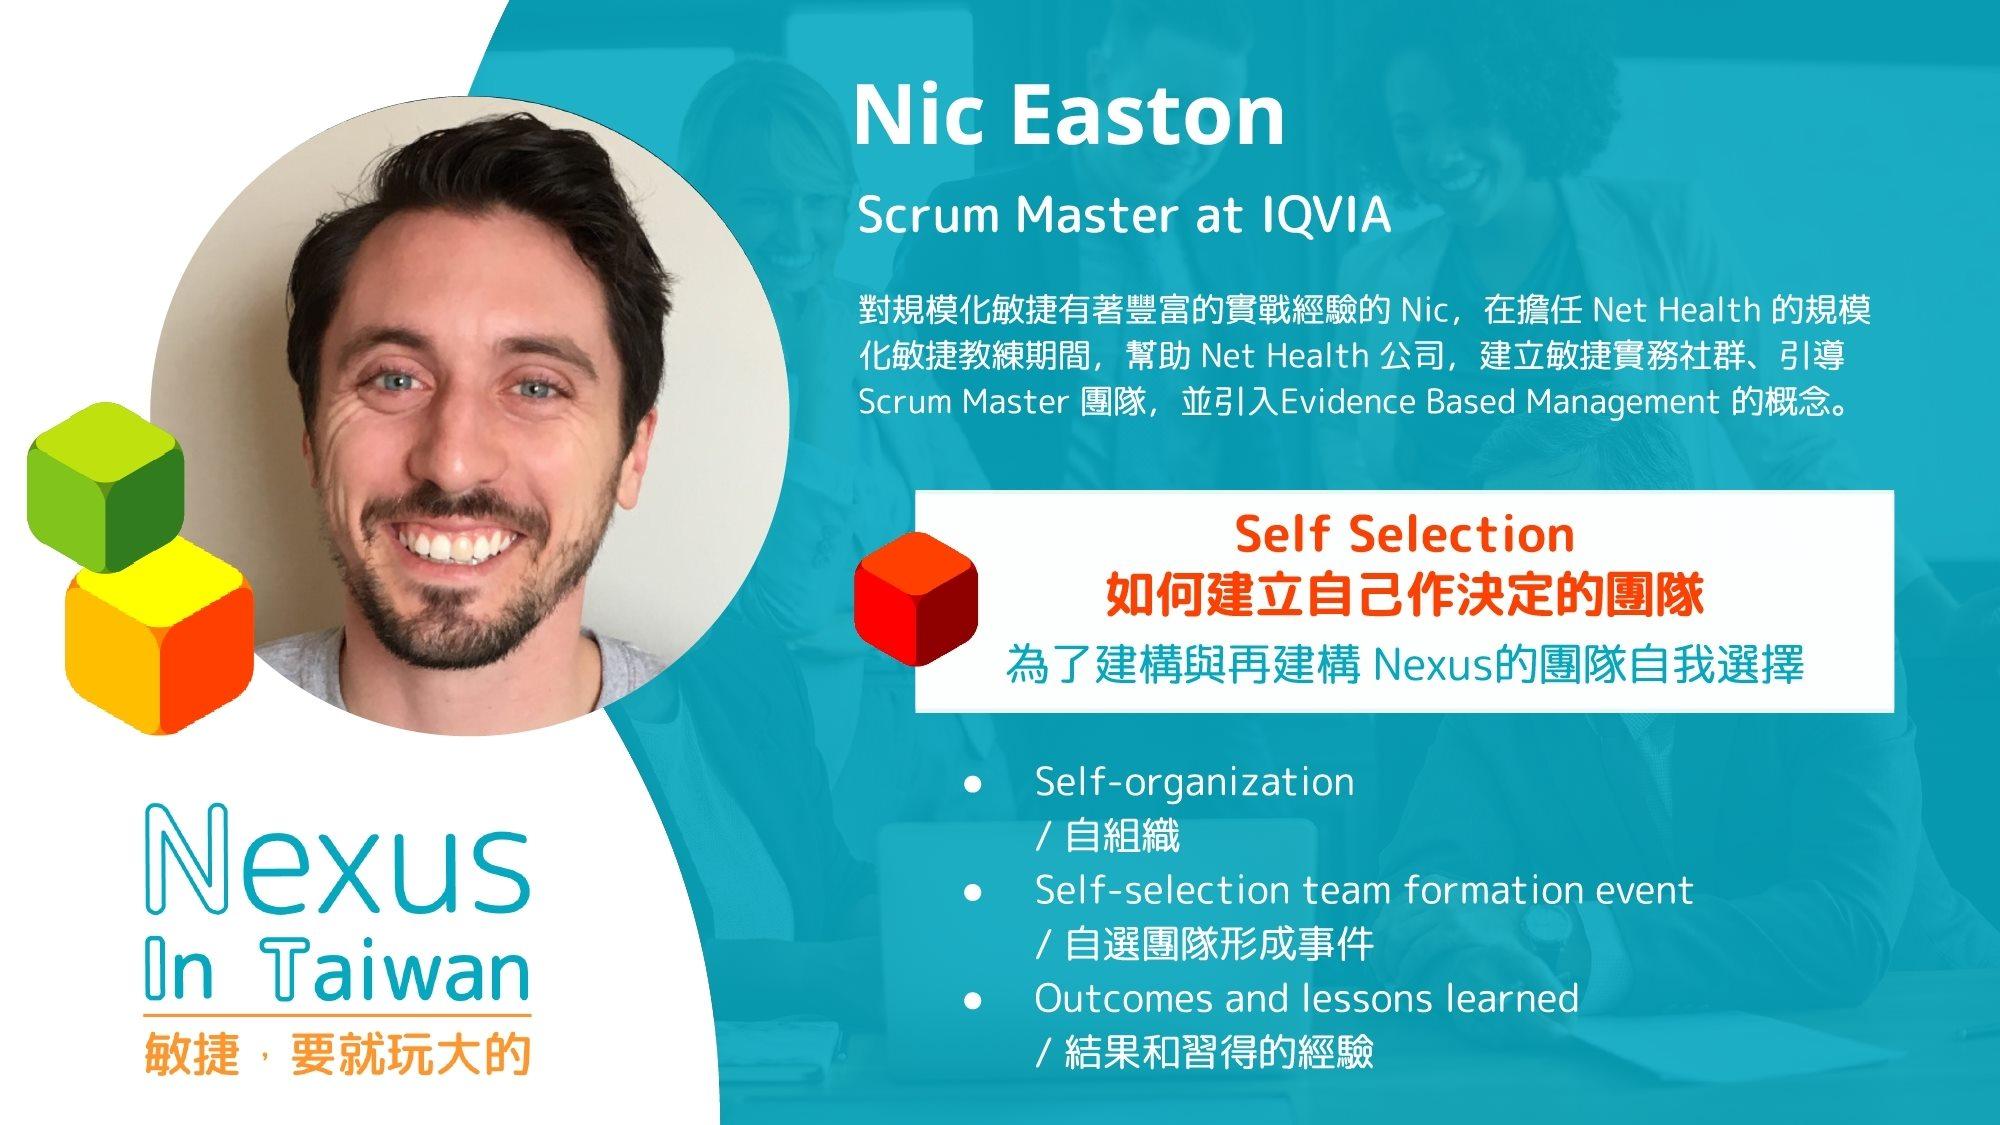 如何建立自己作決定的團隊 - 為了建構與再建構 Nexus 的團隊自我選擇